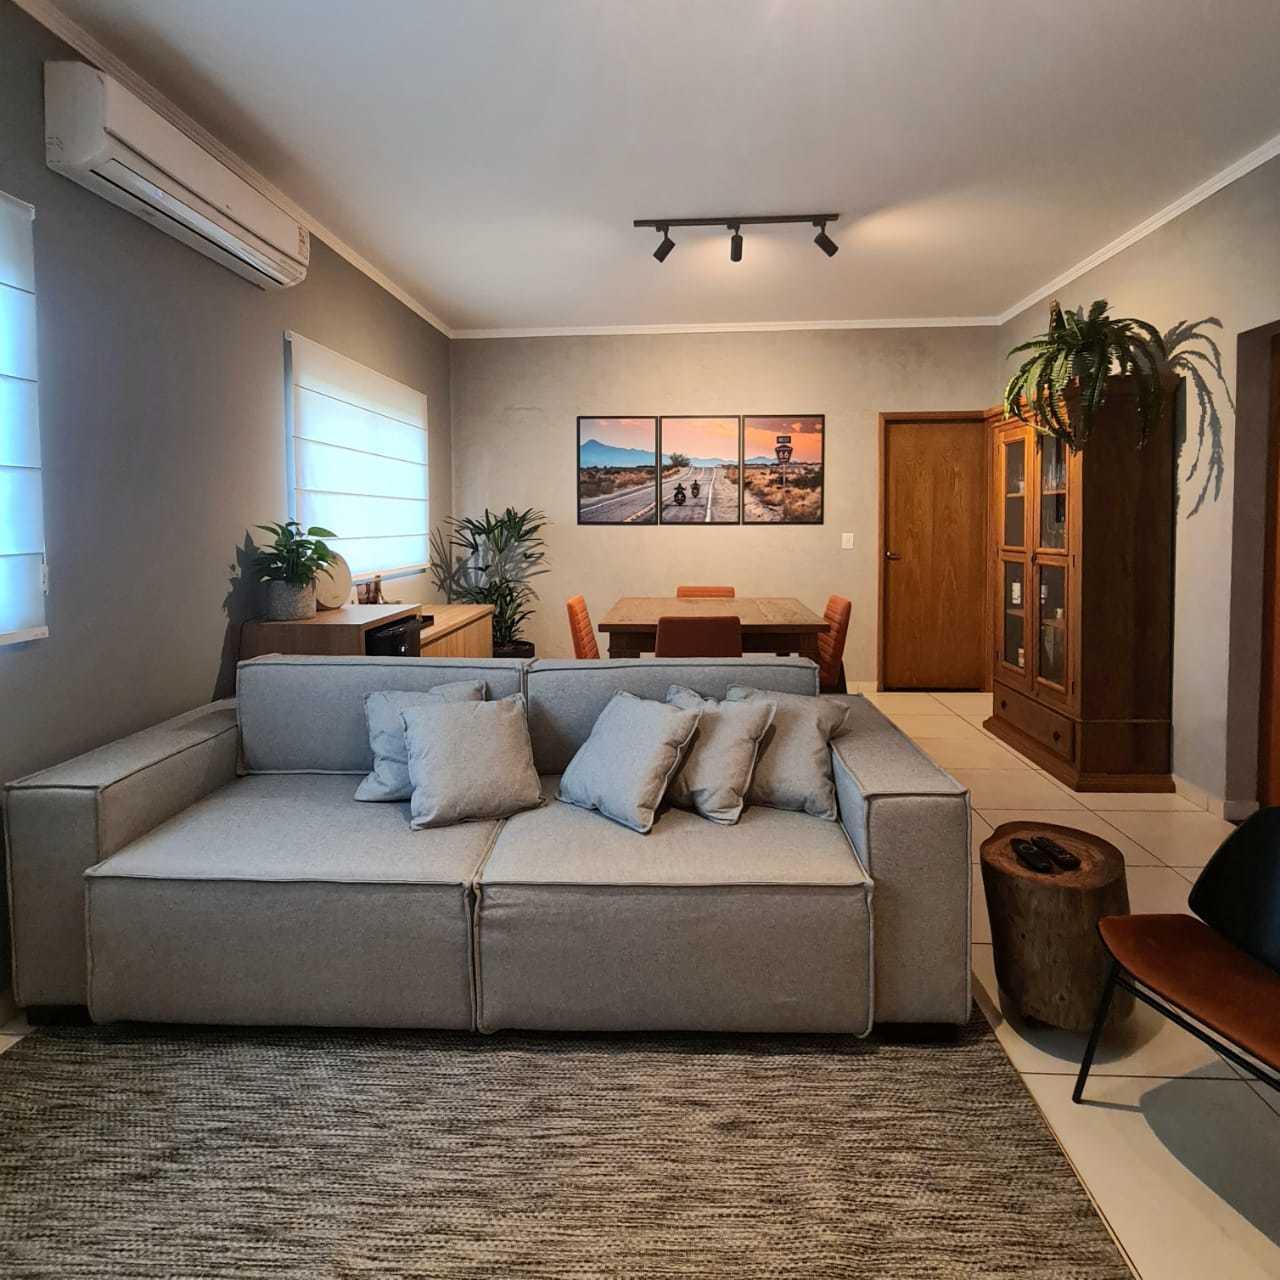 Transformação em poucos dias atendeu desejo de morador por casa mais aconchegante (Foto: Casulo Arquitetura)